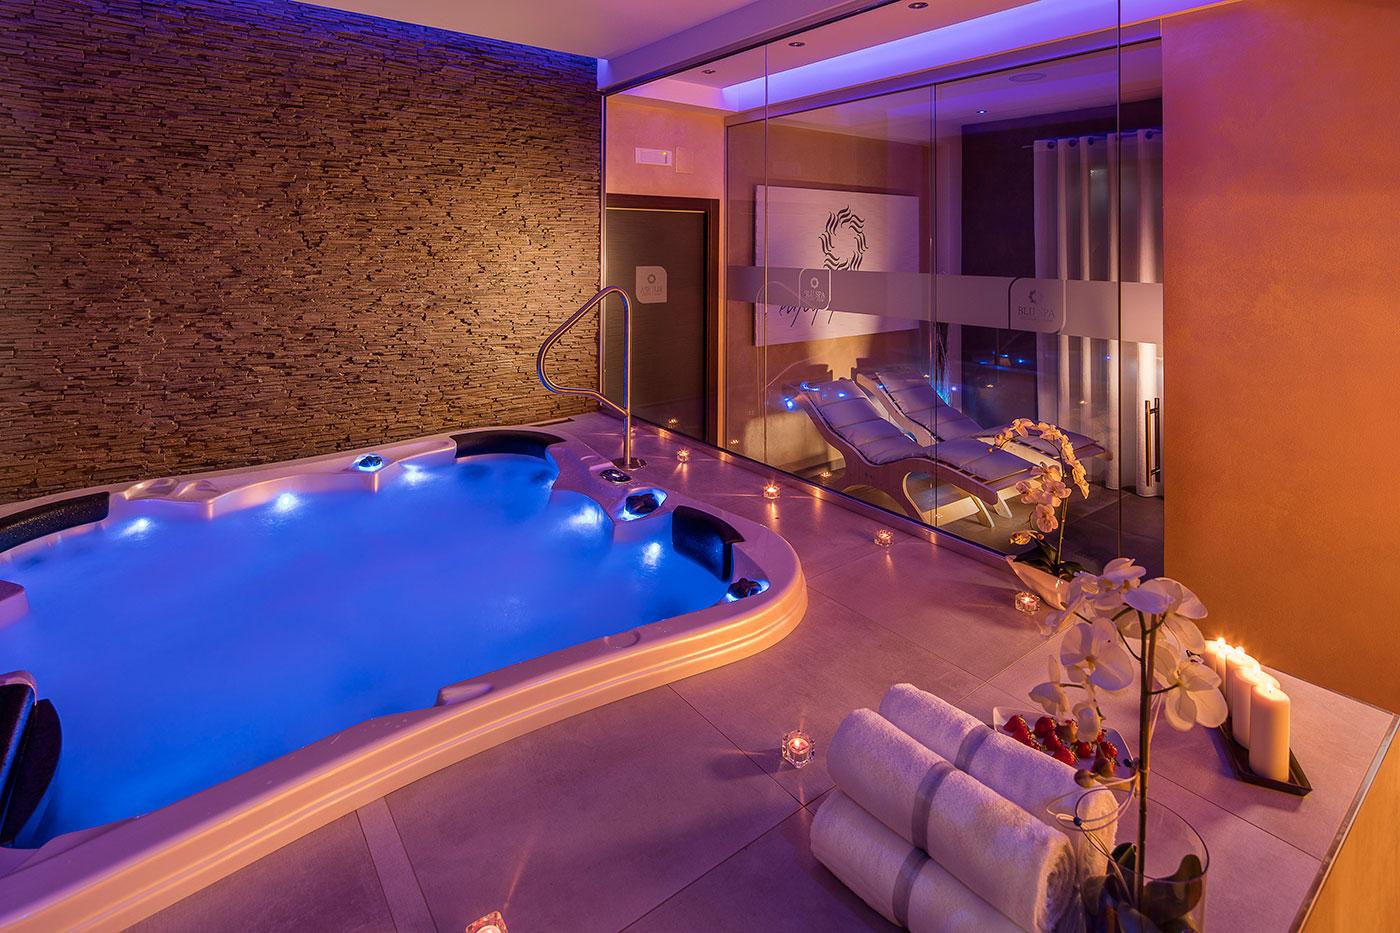 Blu spa centro benessere - Spa con piscina in camera ...